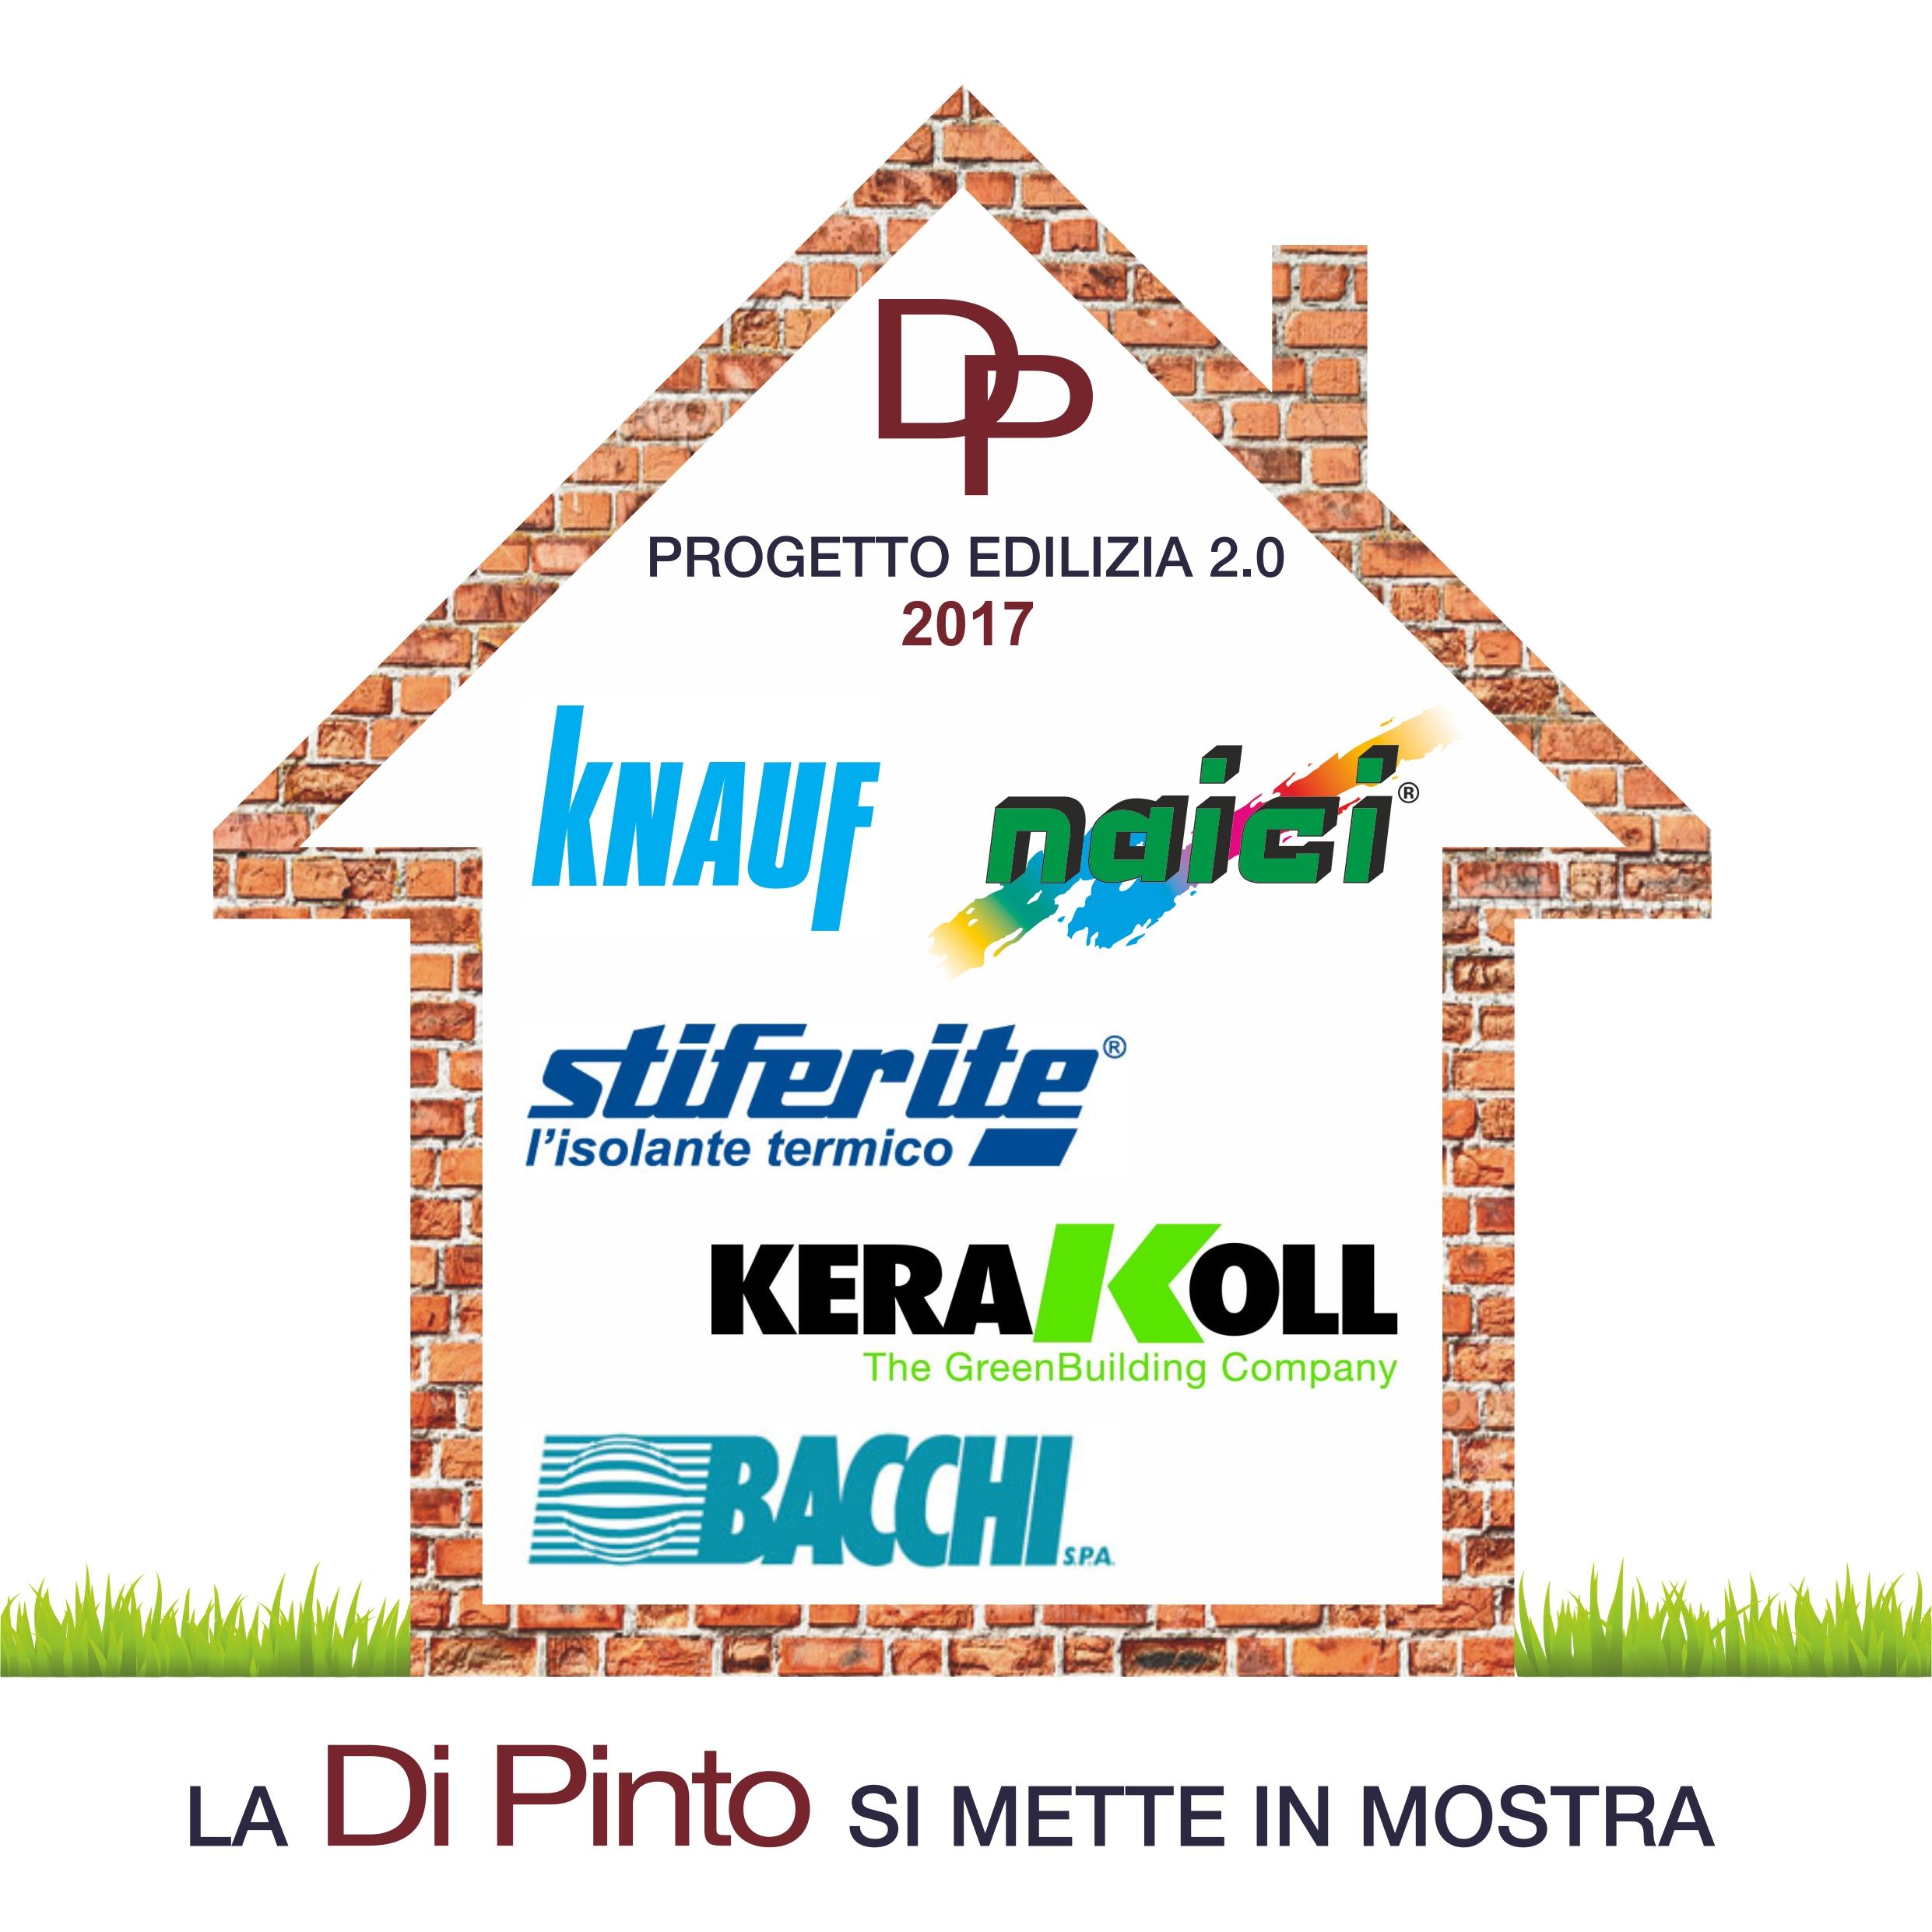 """Di Pinto Bisceglie Materiale Edile domani a bisceglie la fiera edile """"progetto edilizia 2.0"""